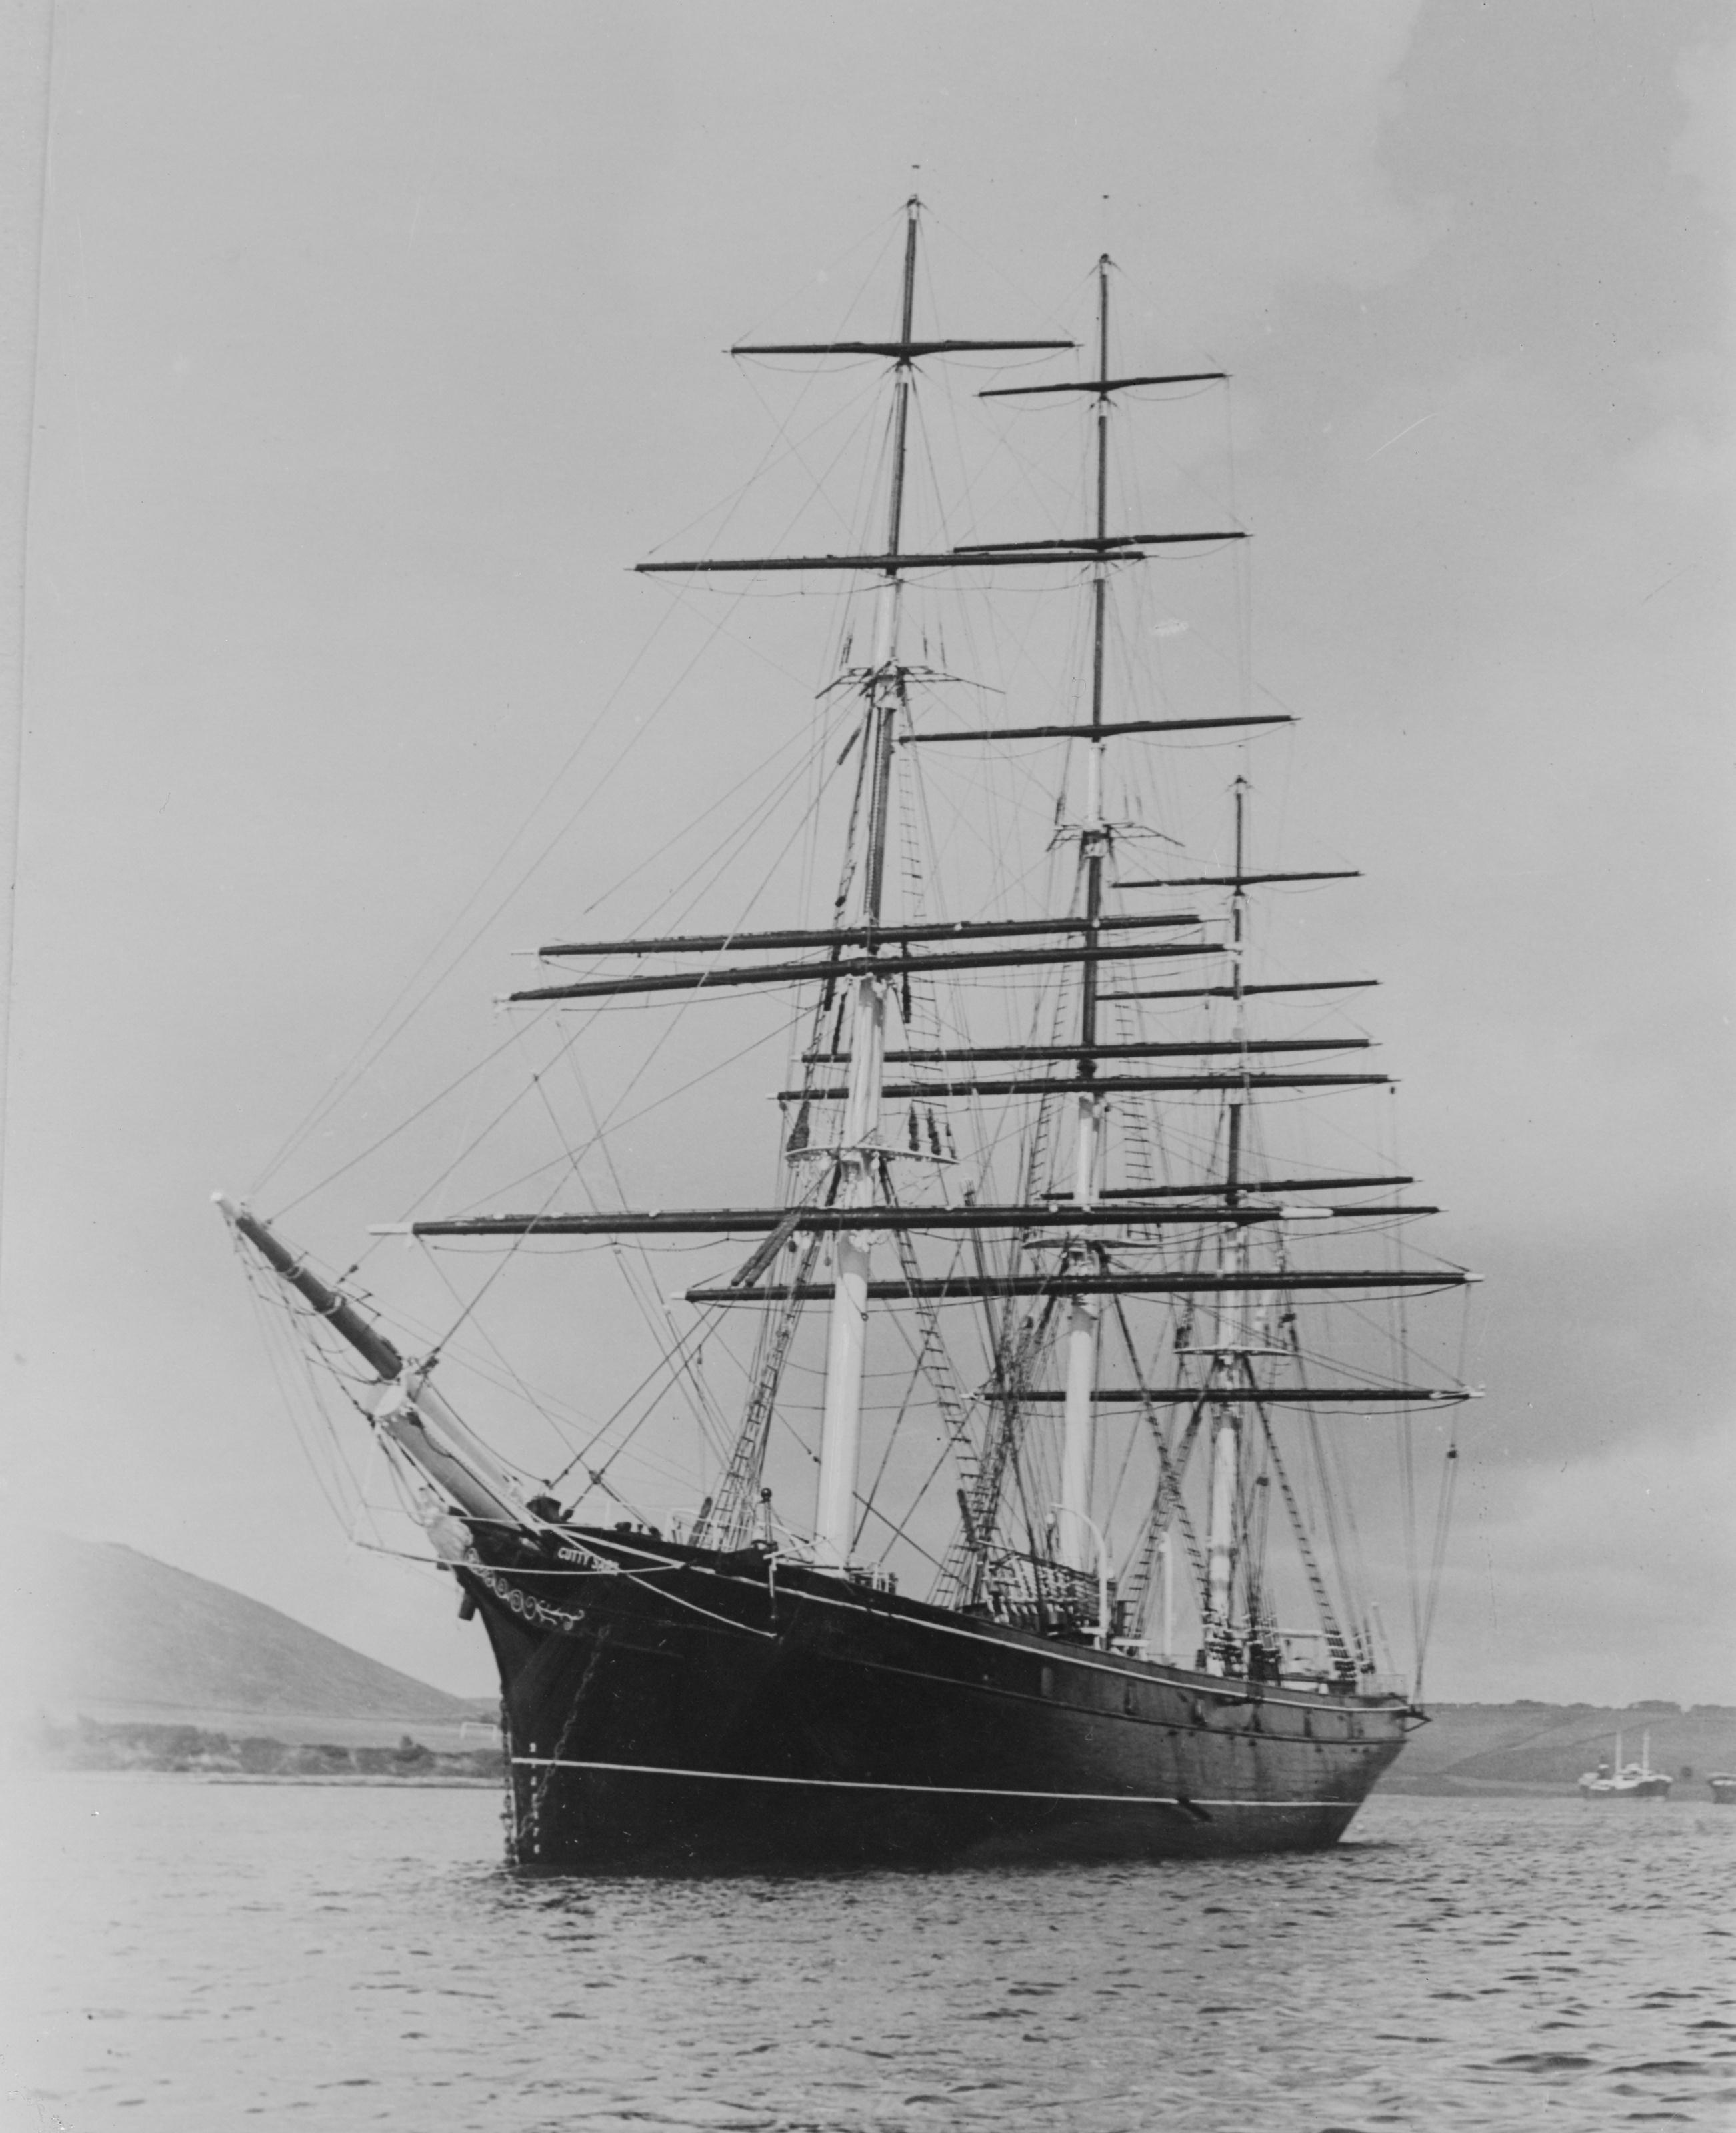 Cutty_Sark_(ship,_1869)_-_SLV_H91.250-163